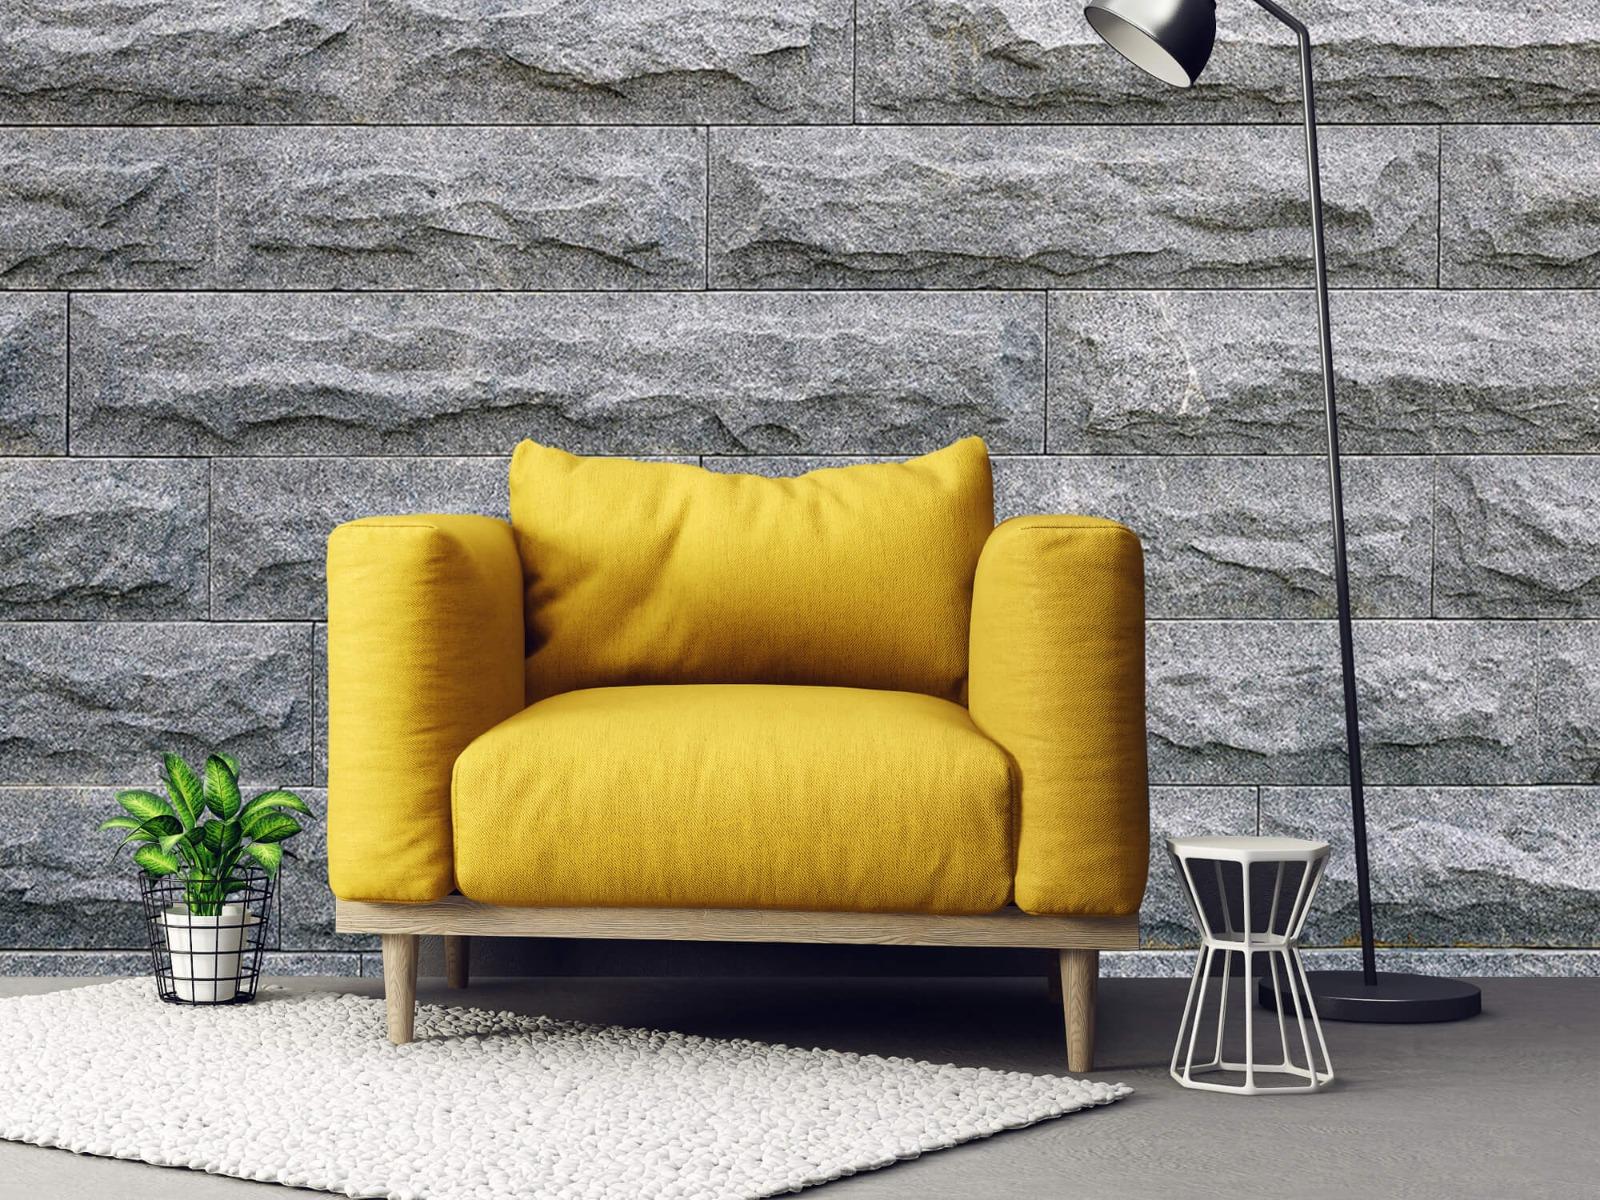 Steen behang - Grote grijze stenen - Slaapkamer 21